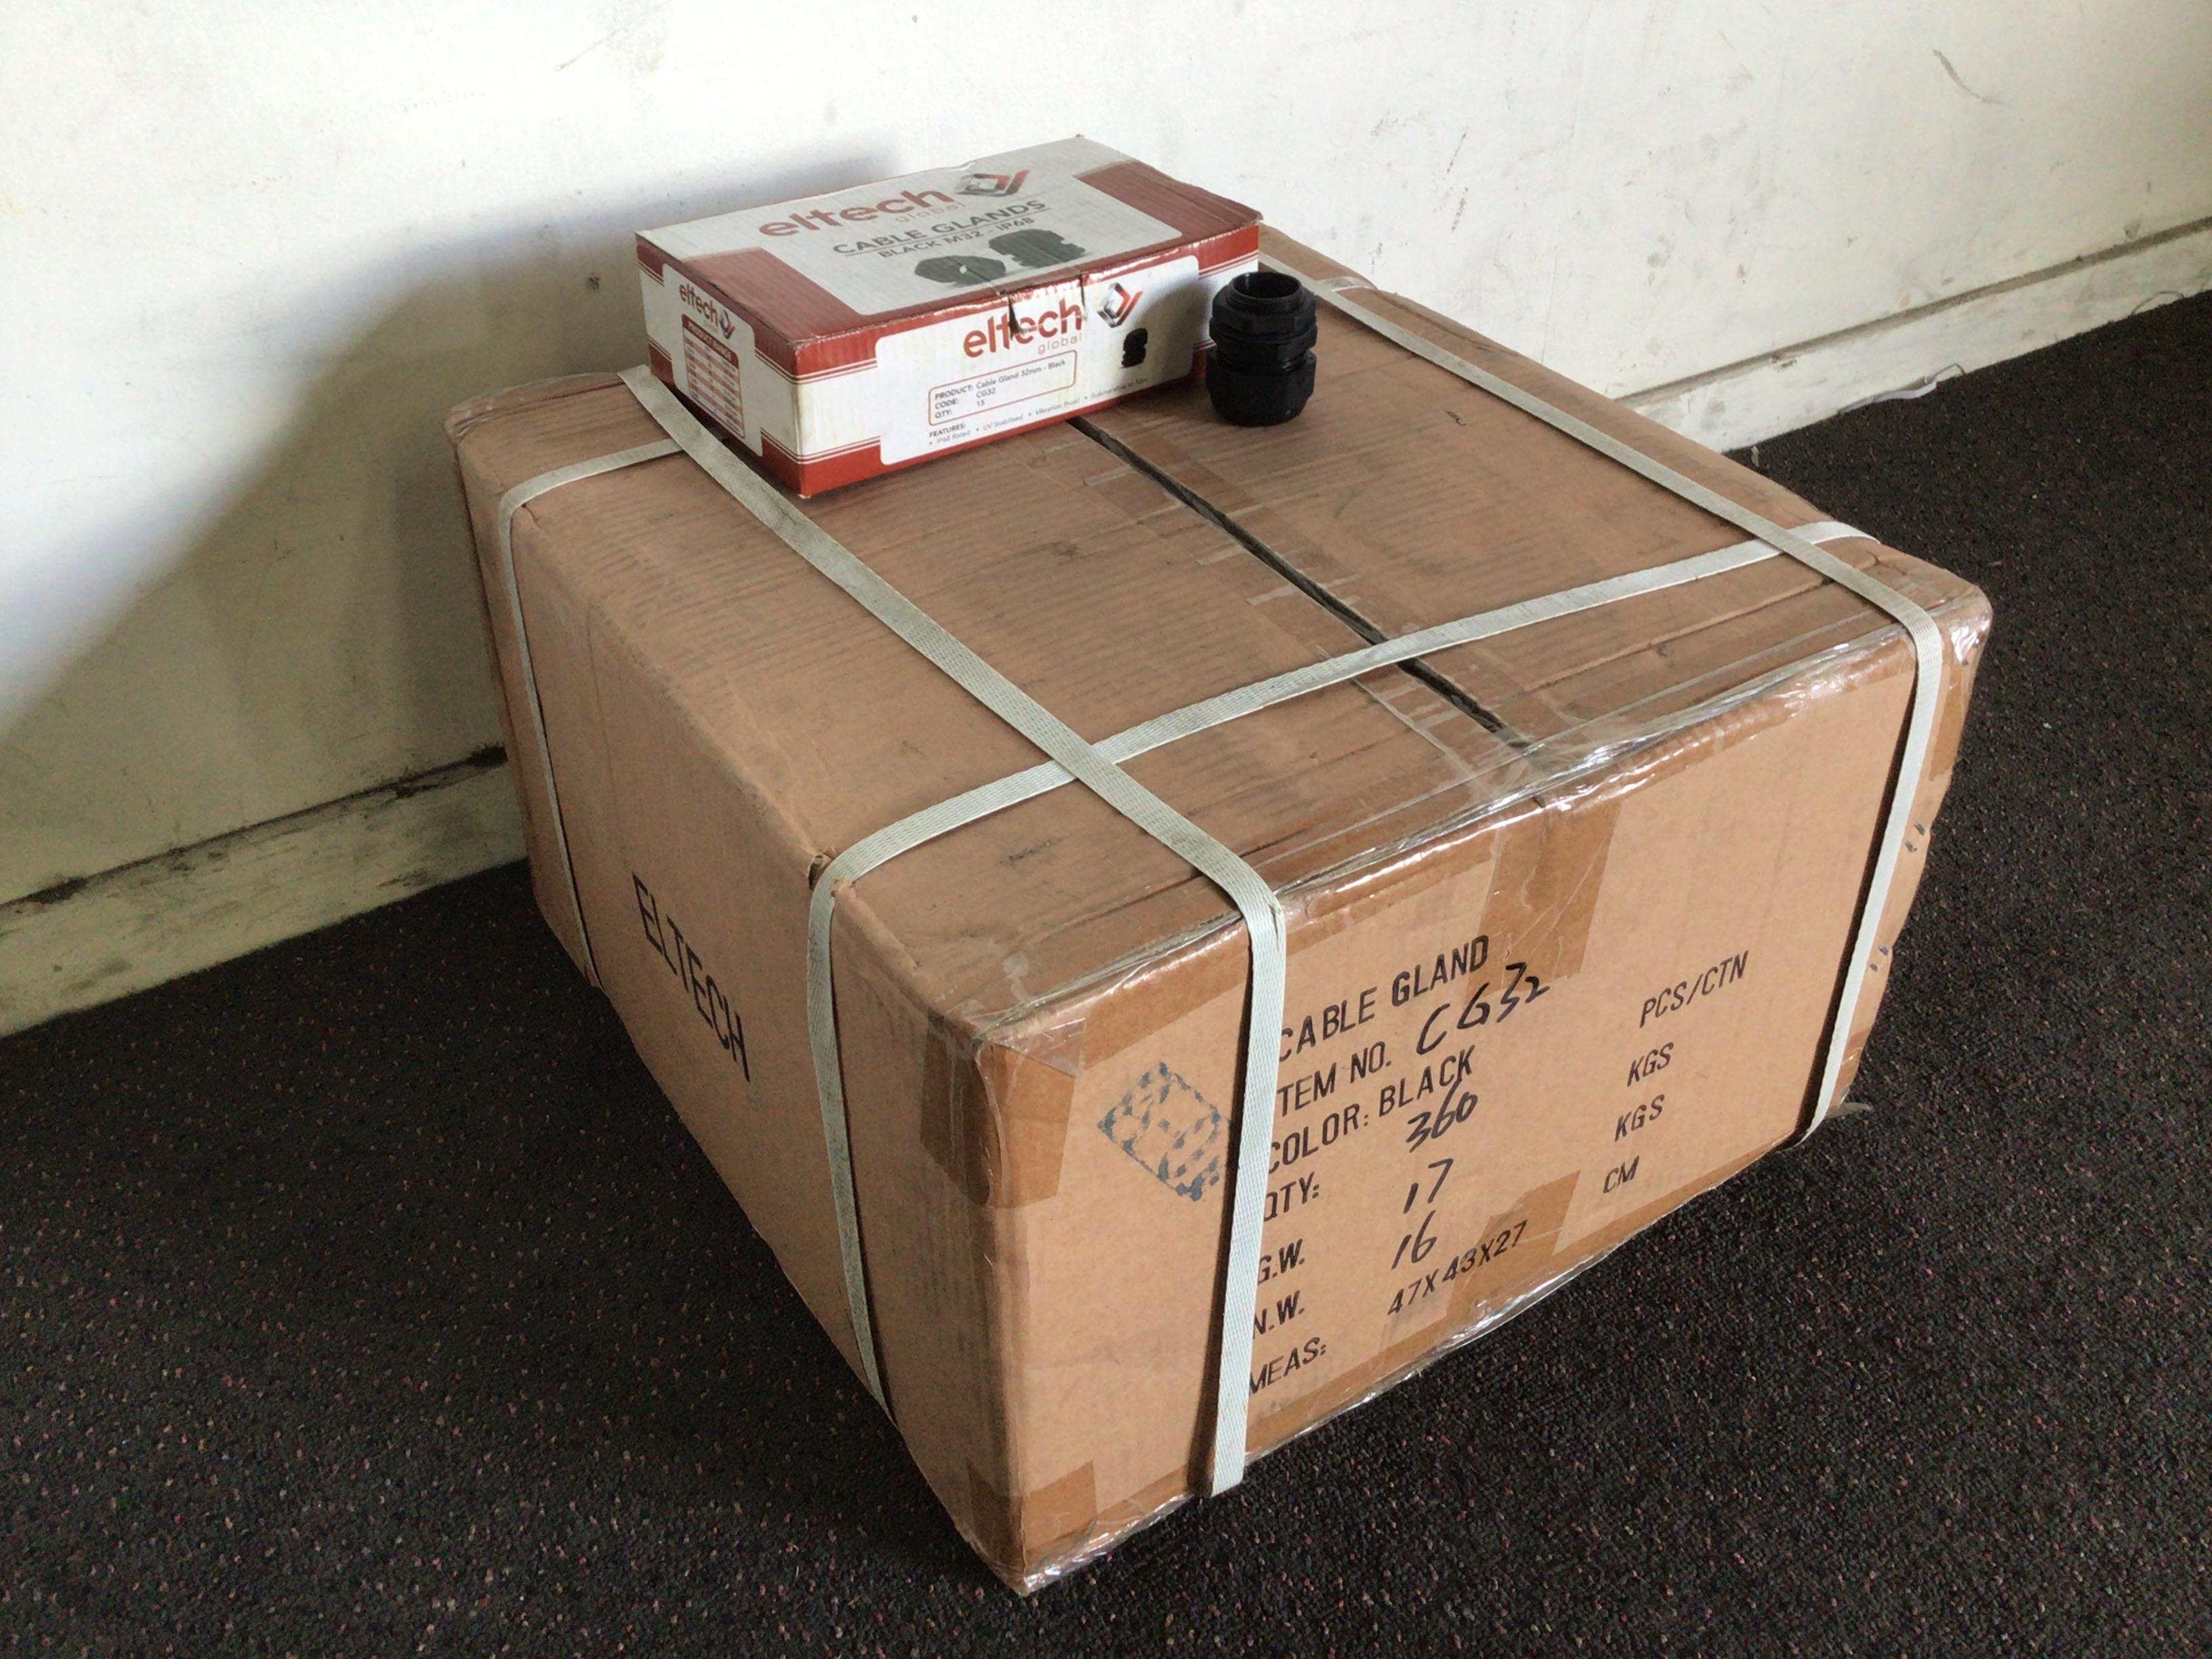 1ctn.x 24 Boxes 32mm Cable Glands